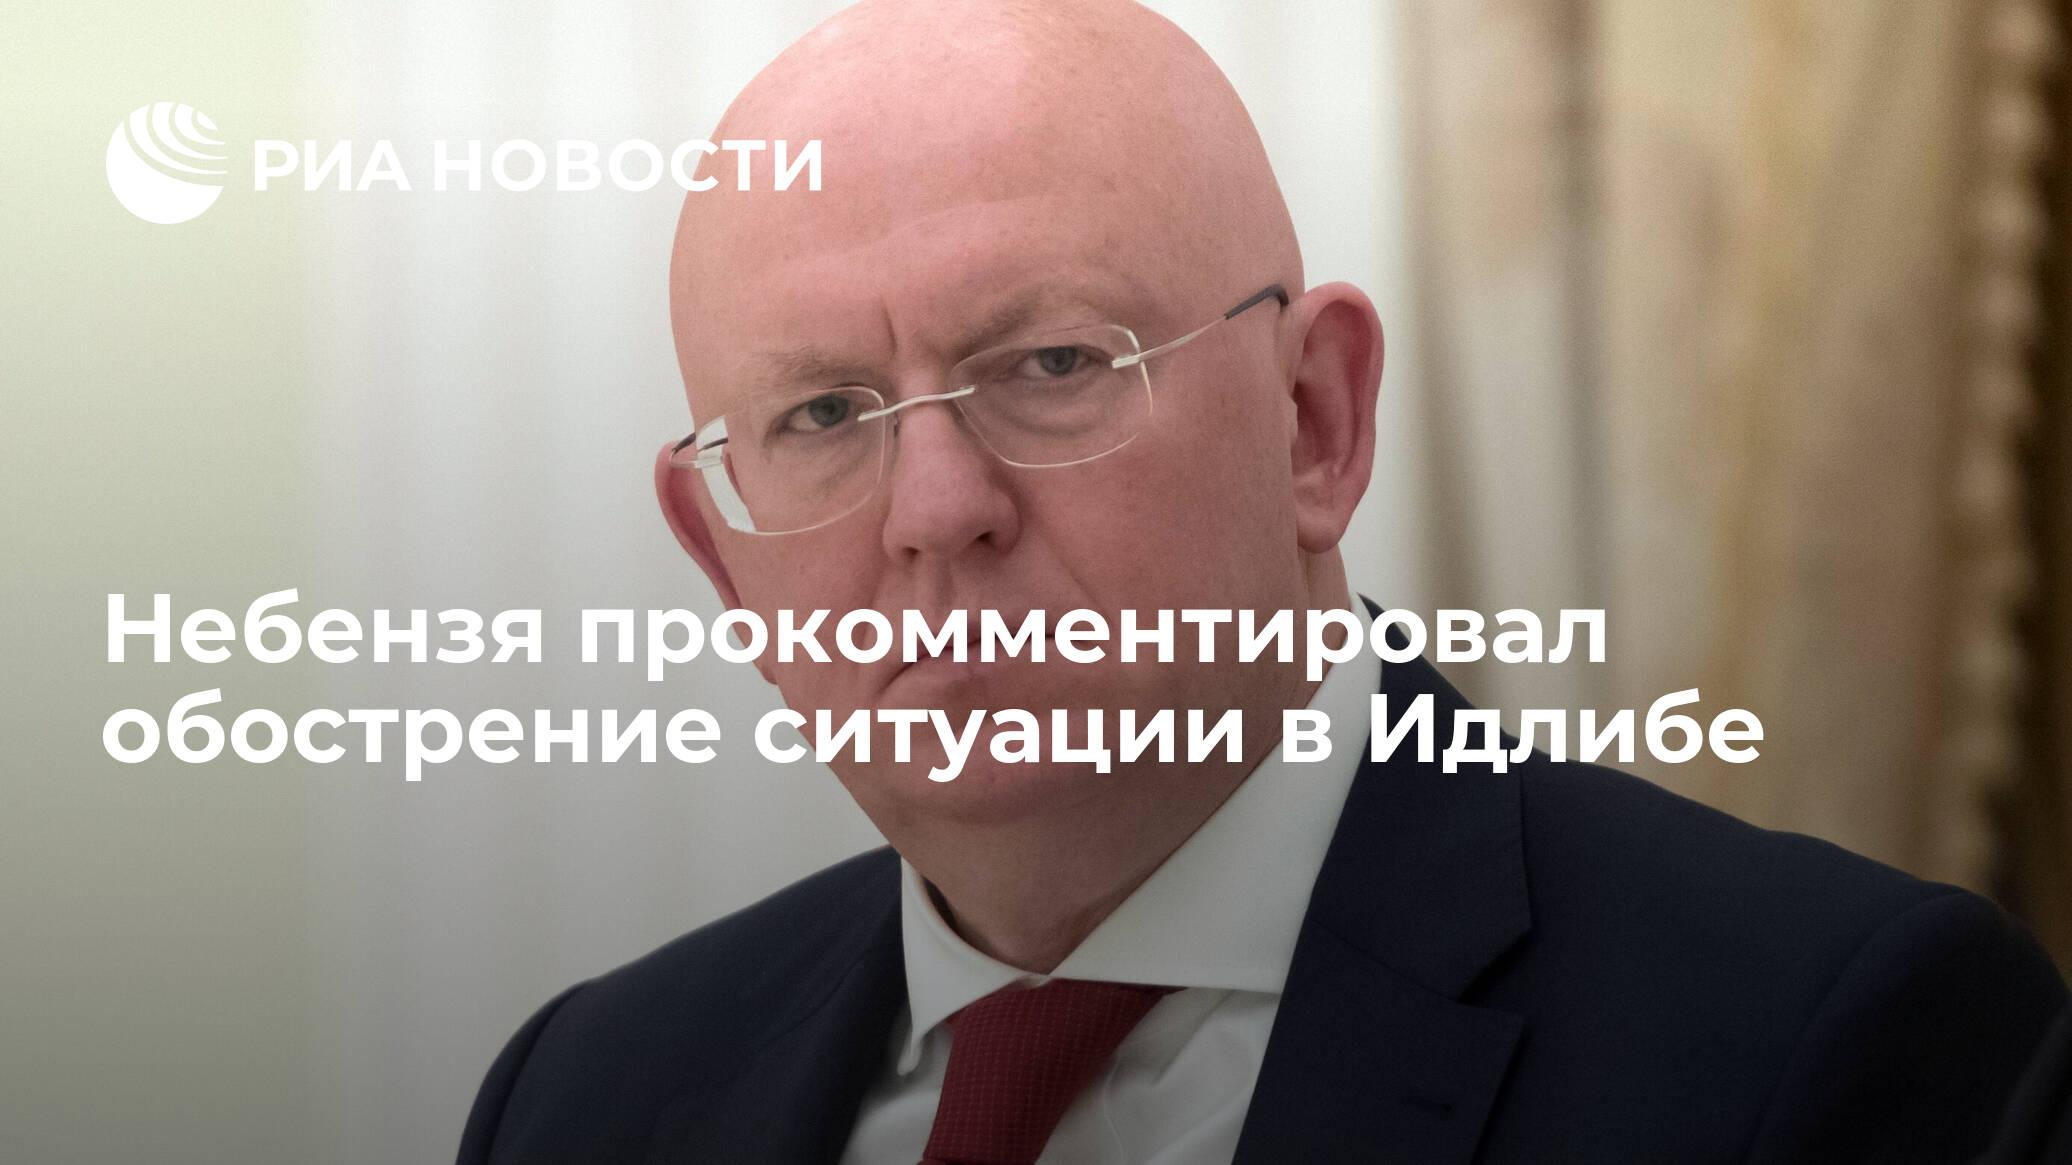 Небензя прокомментировал обострение ситуации в Идлибе